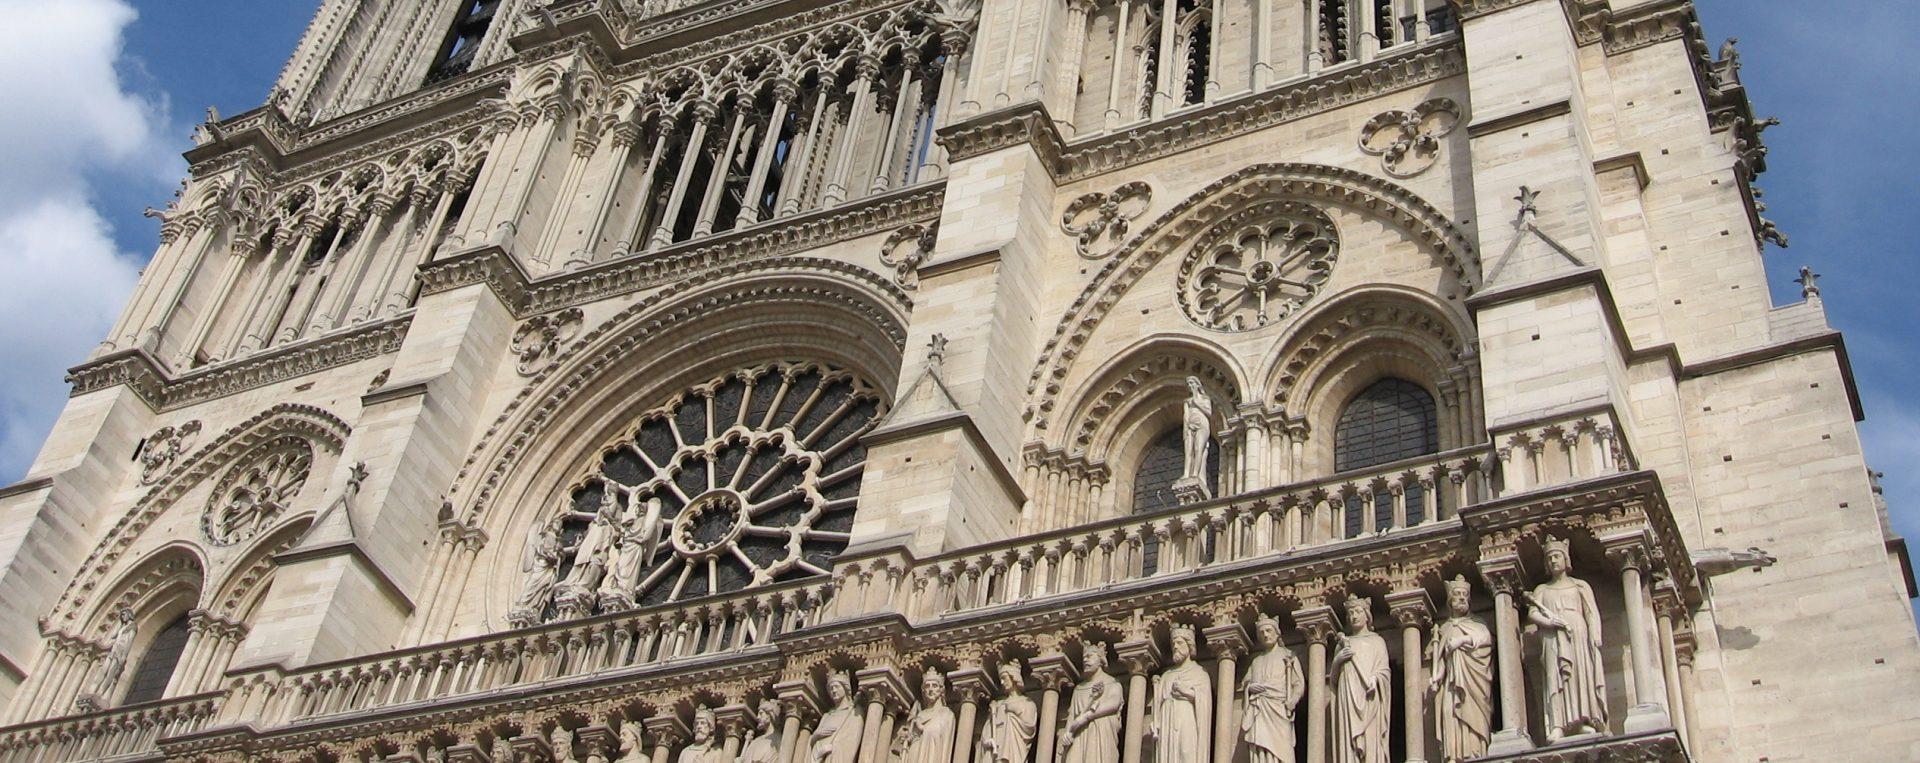 Notre Dame Bezienswaardigheden Parijs